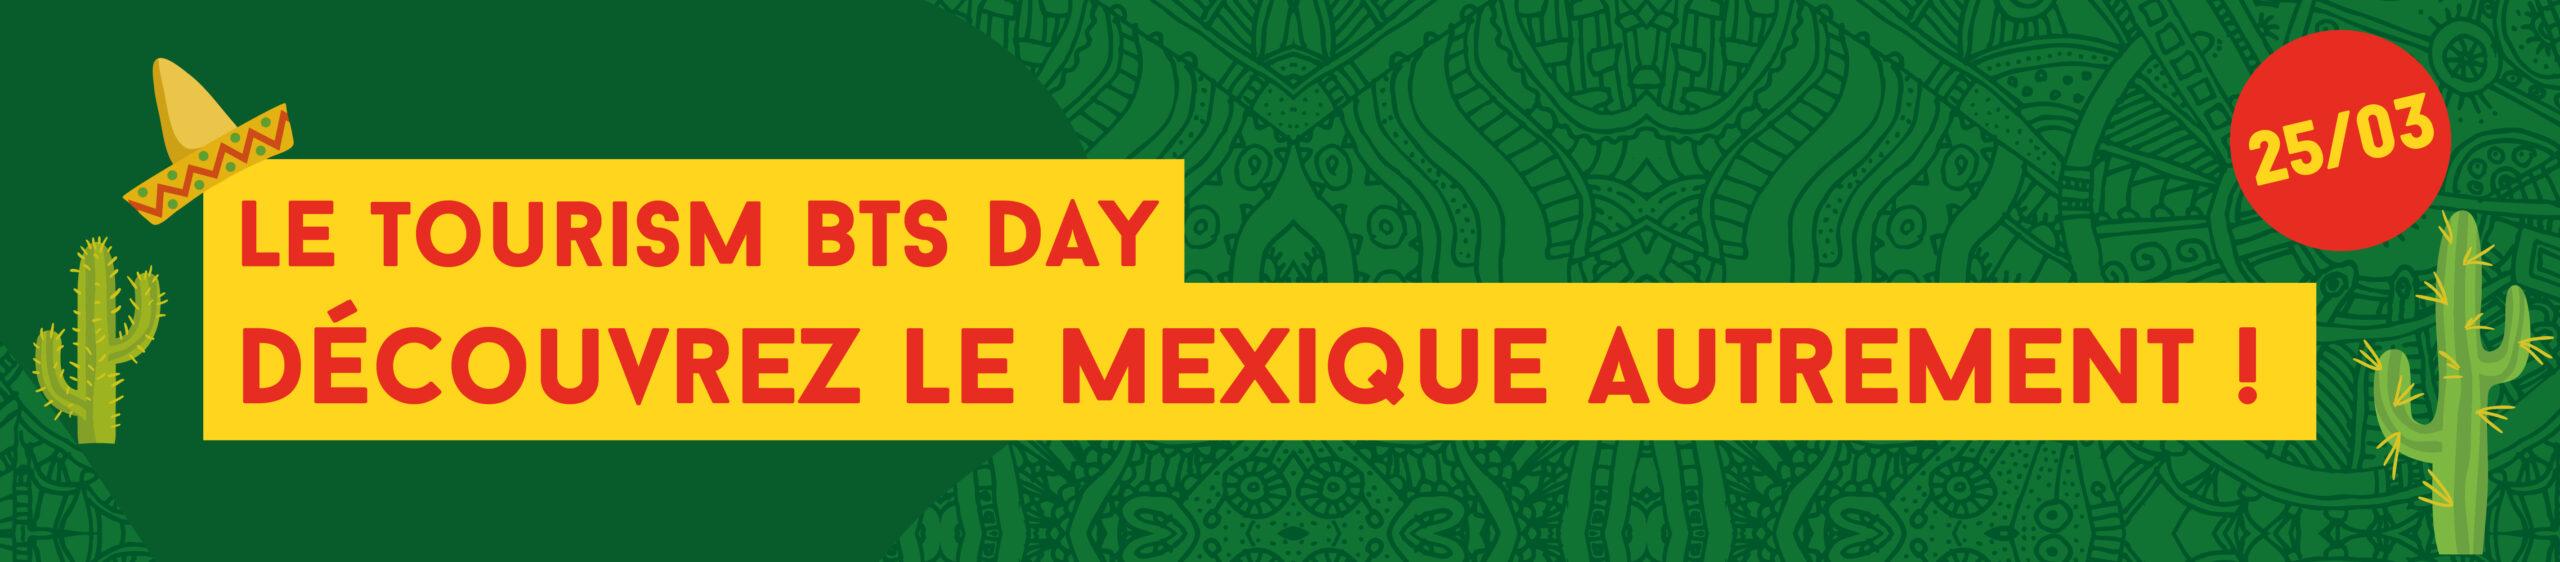 Découvrez le Mexique autrement grâce au TOURISM BTS DAY !